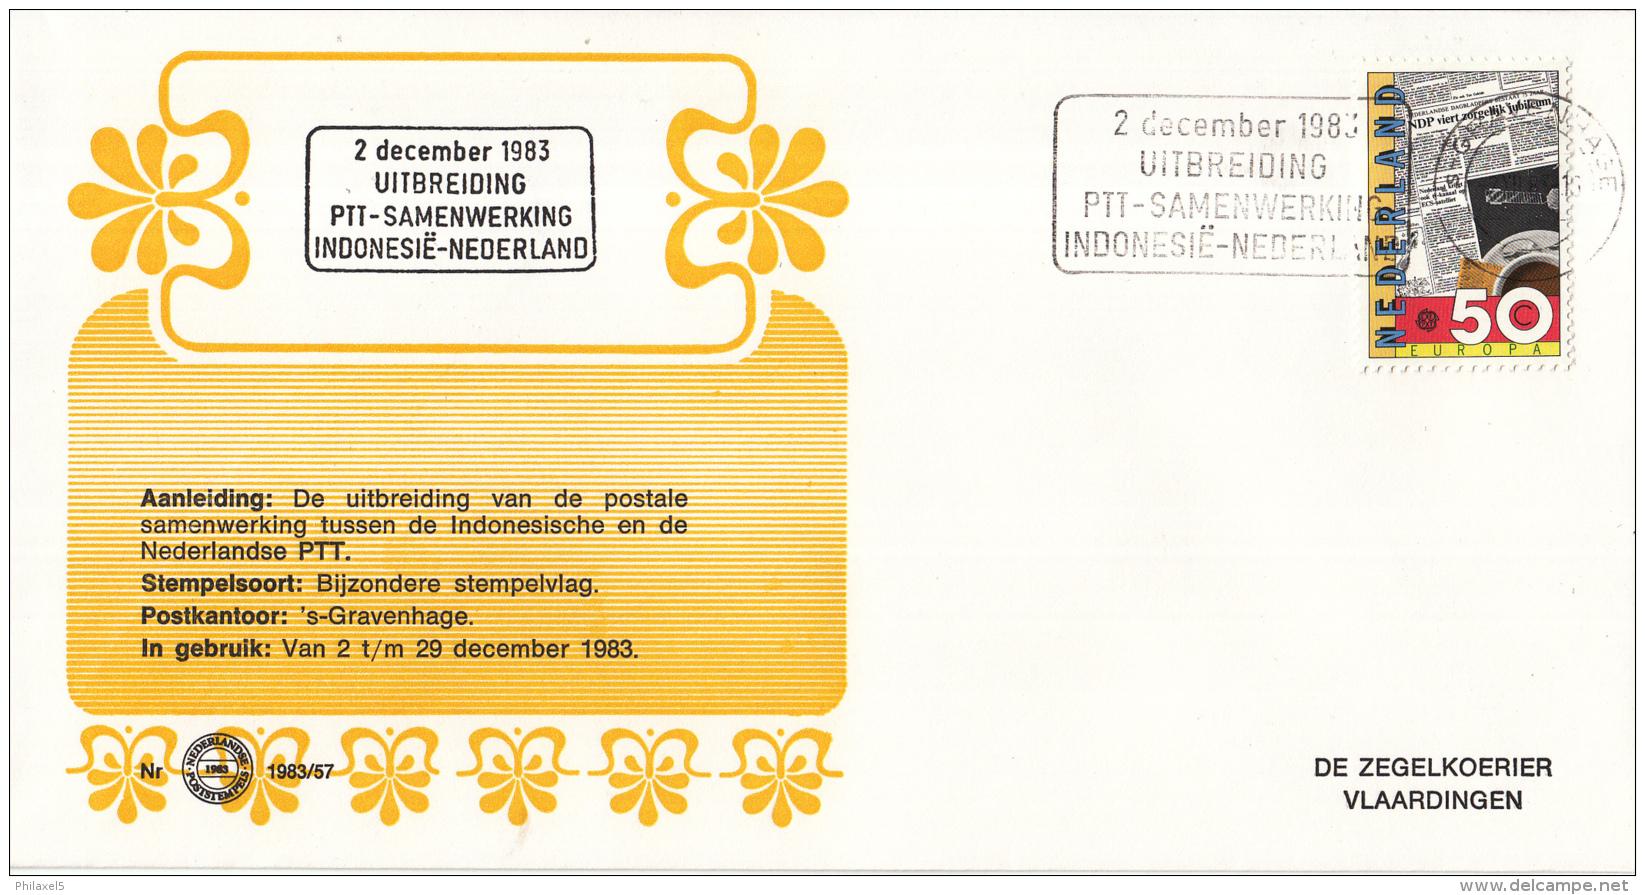 Nederland - Zegelkoerier Nederlandse Poststempels - 2 December 1983 PTT-samenwerking Indonesië-Nederland -  Nr. 1983/57 - Marcofilie - EMA (Print Machine)